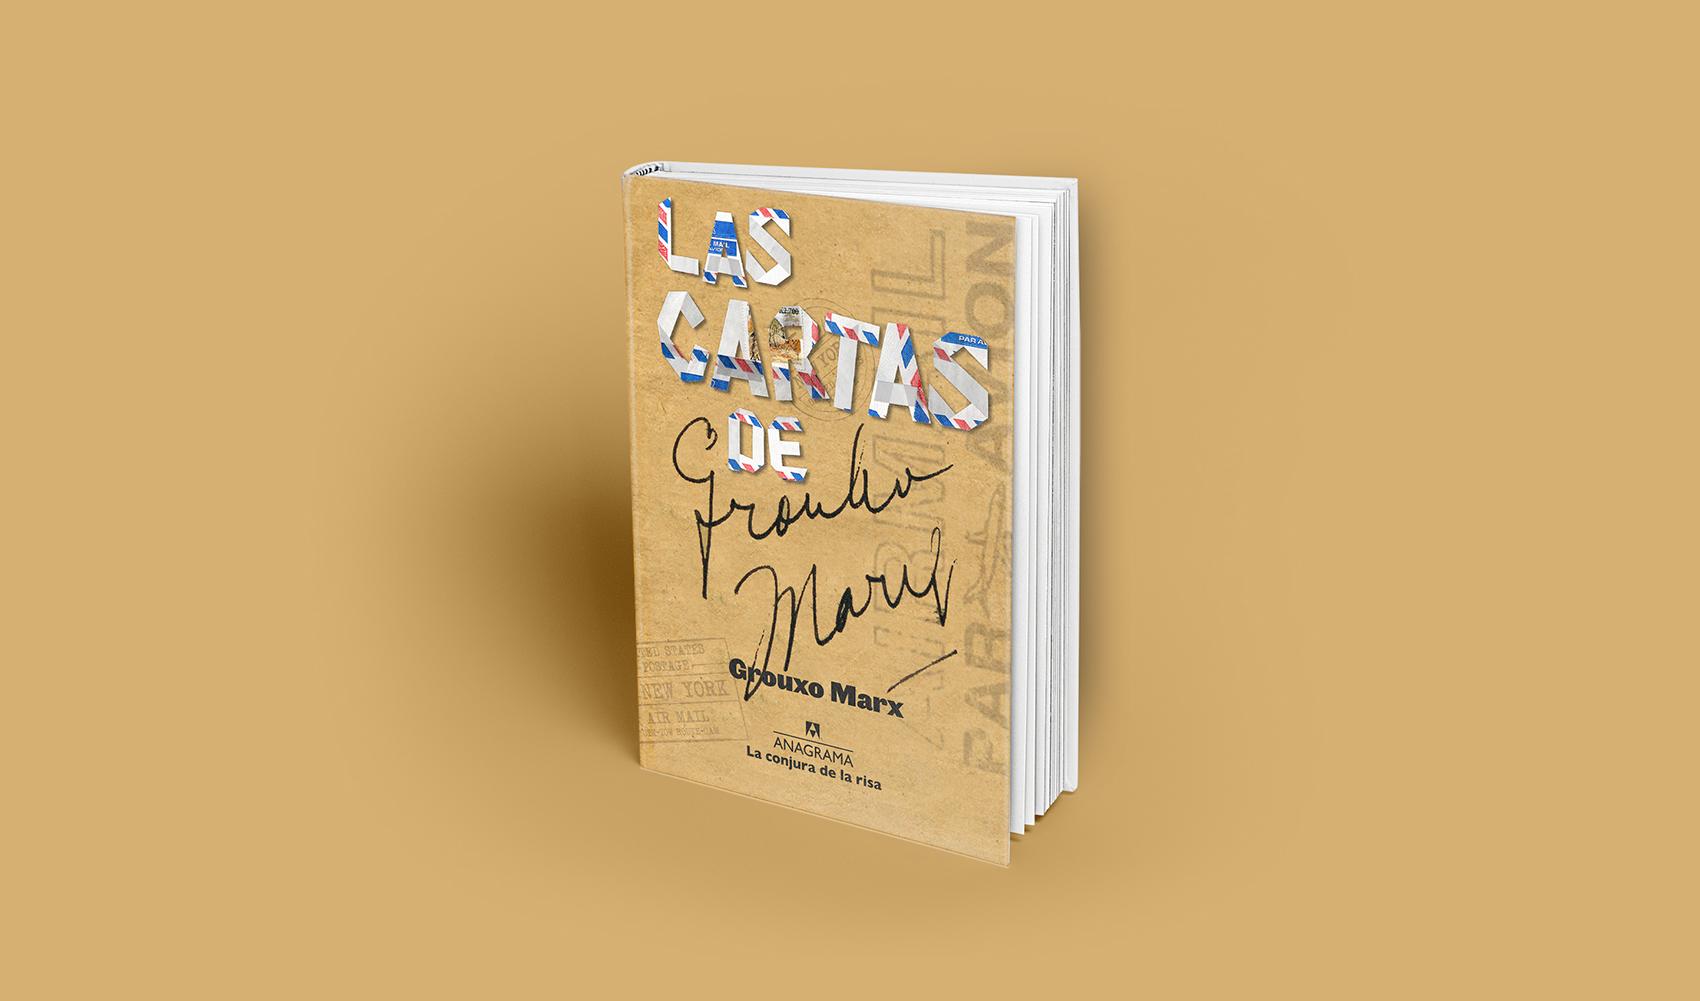 portada_libro_las_cartas_de_groucho